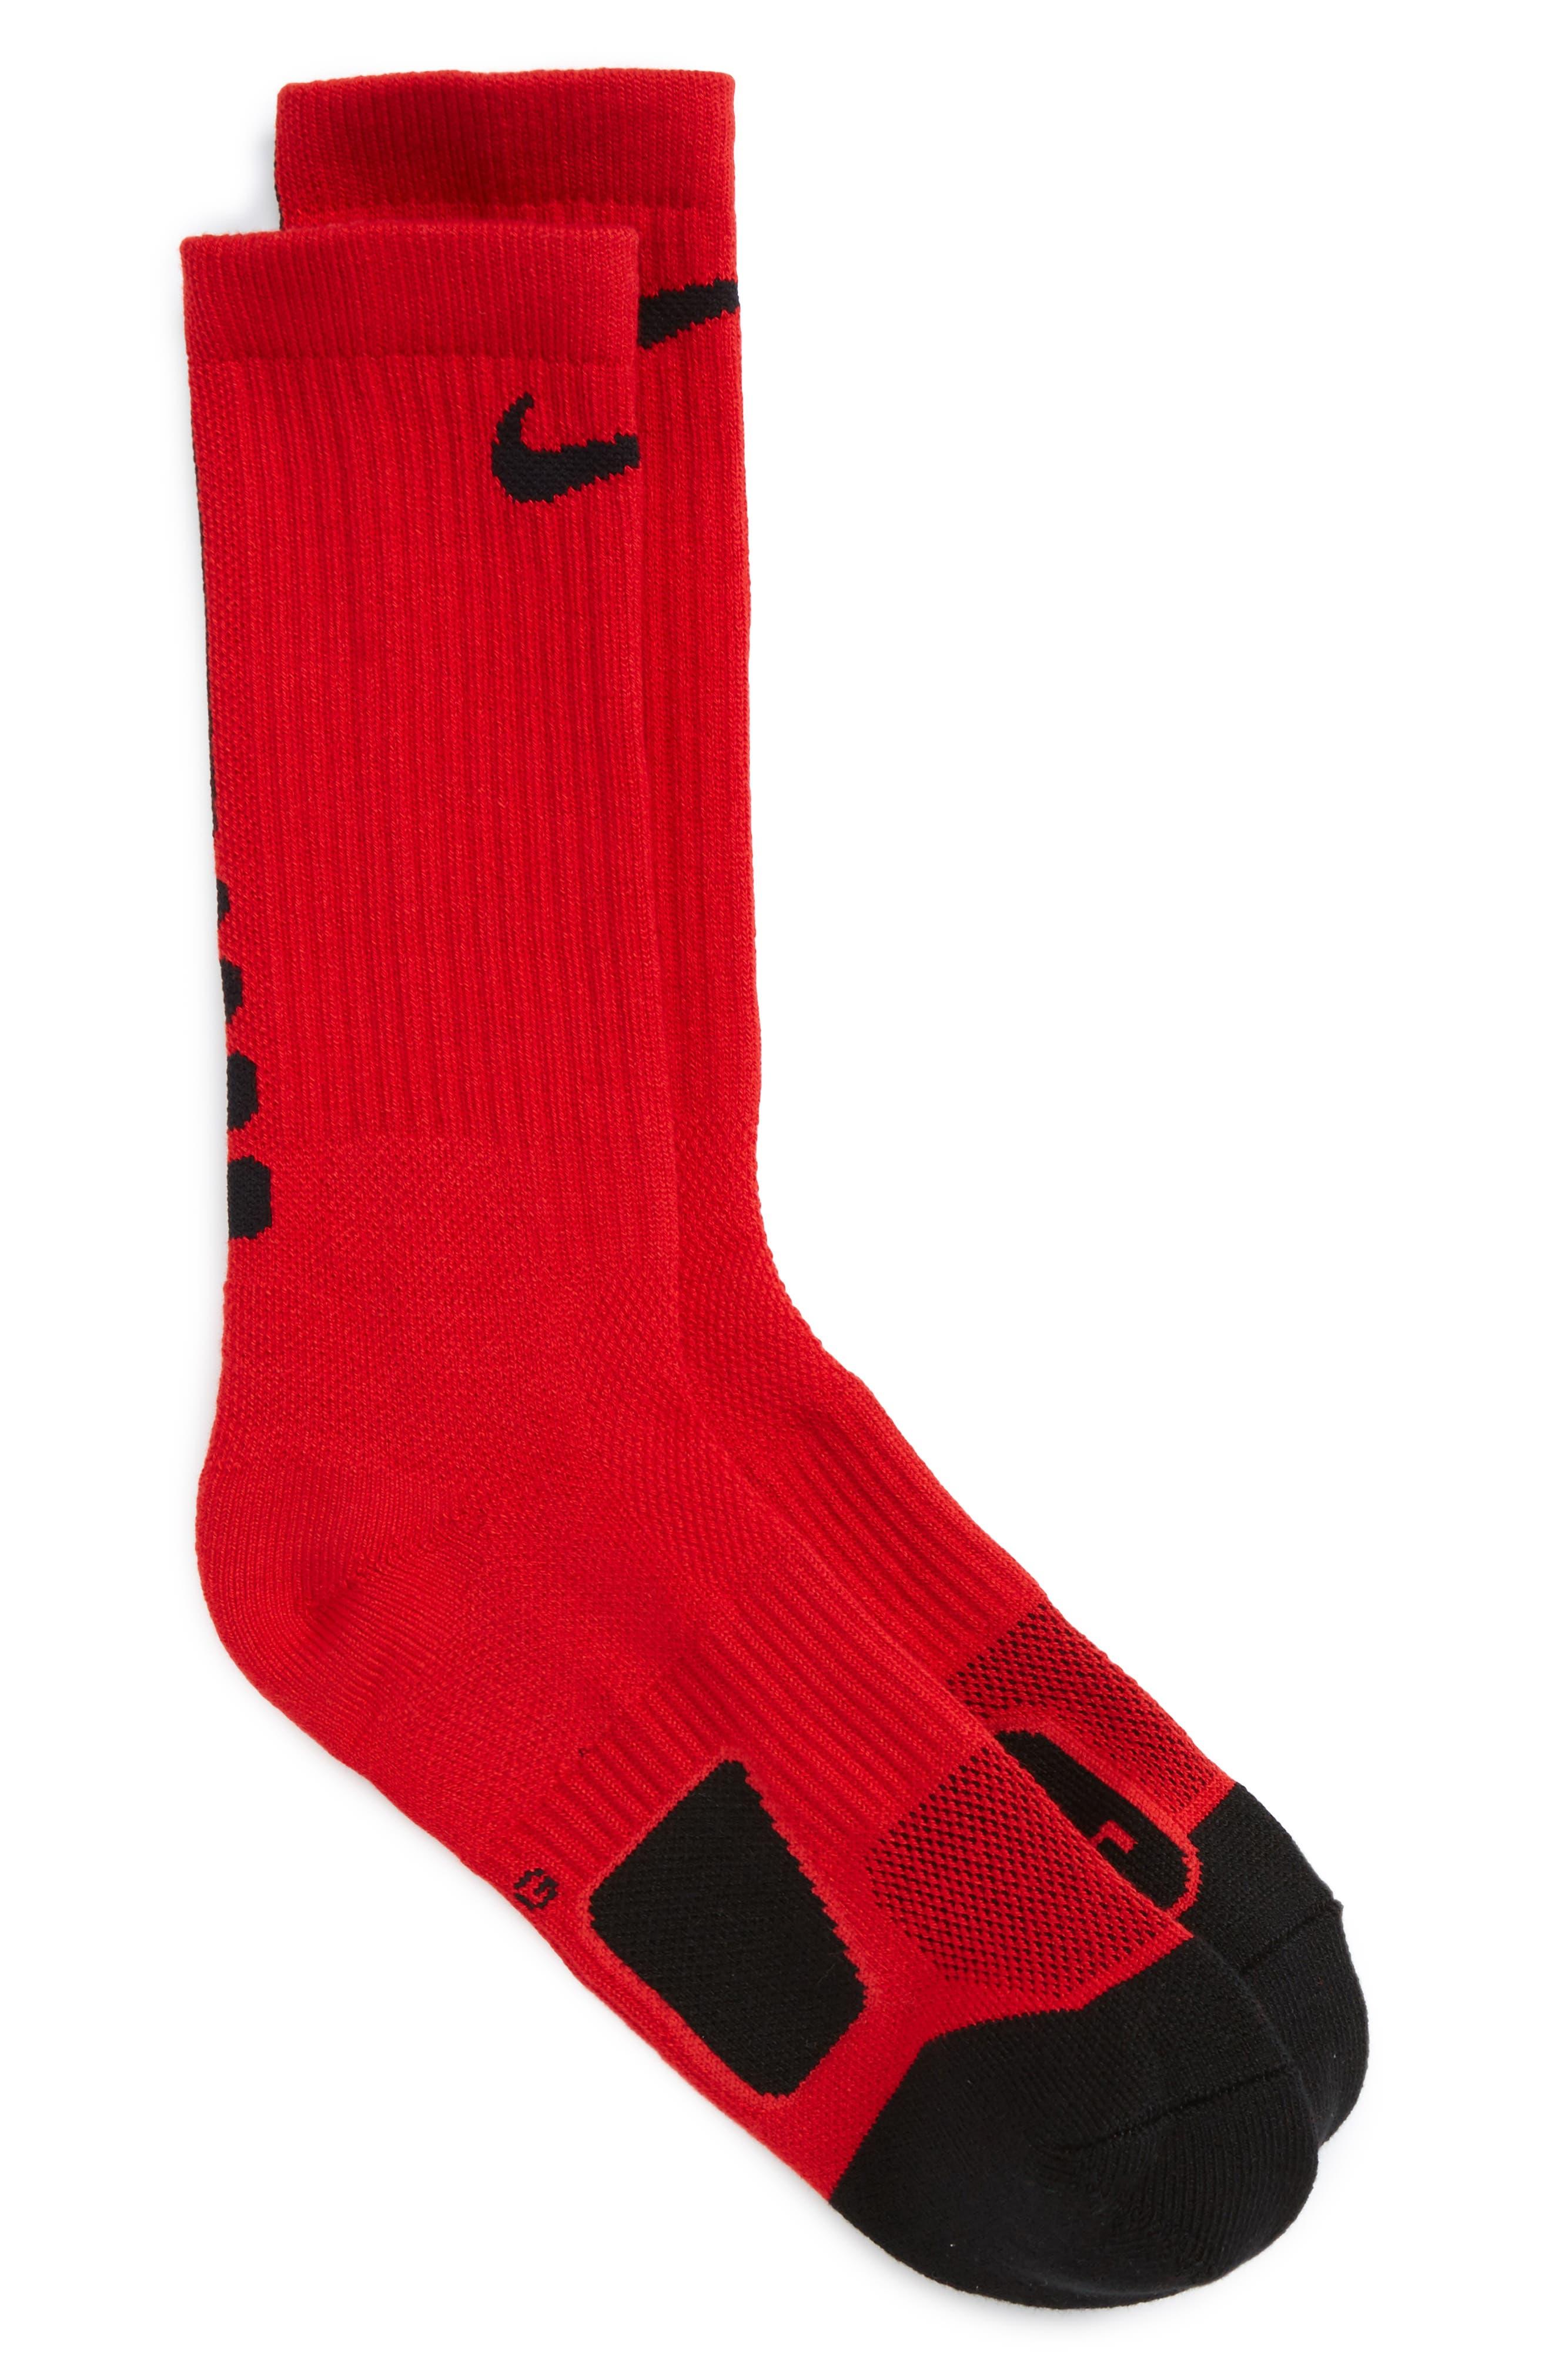 Nike Elite 1.5 Running Crew Socks